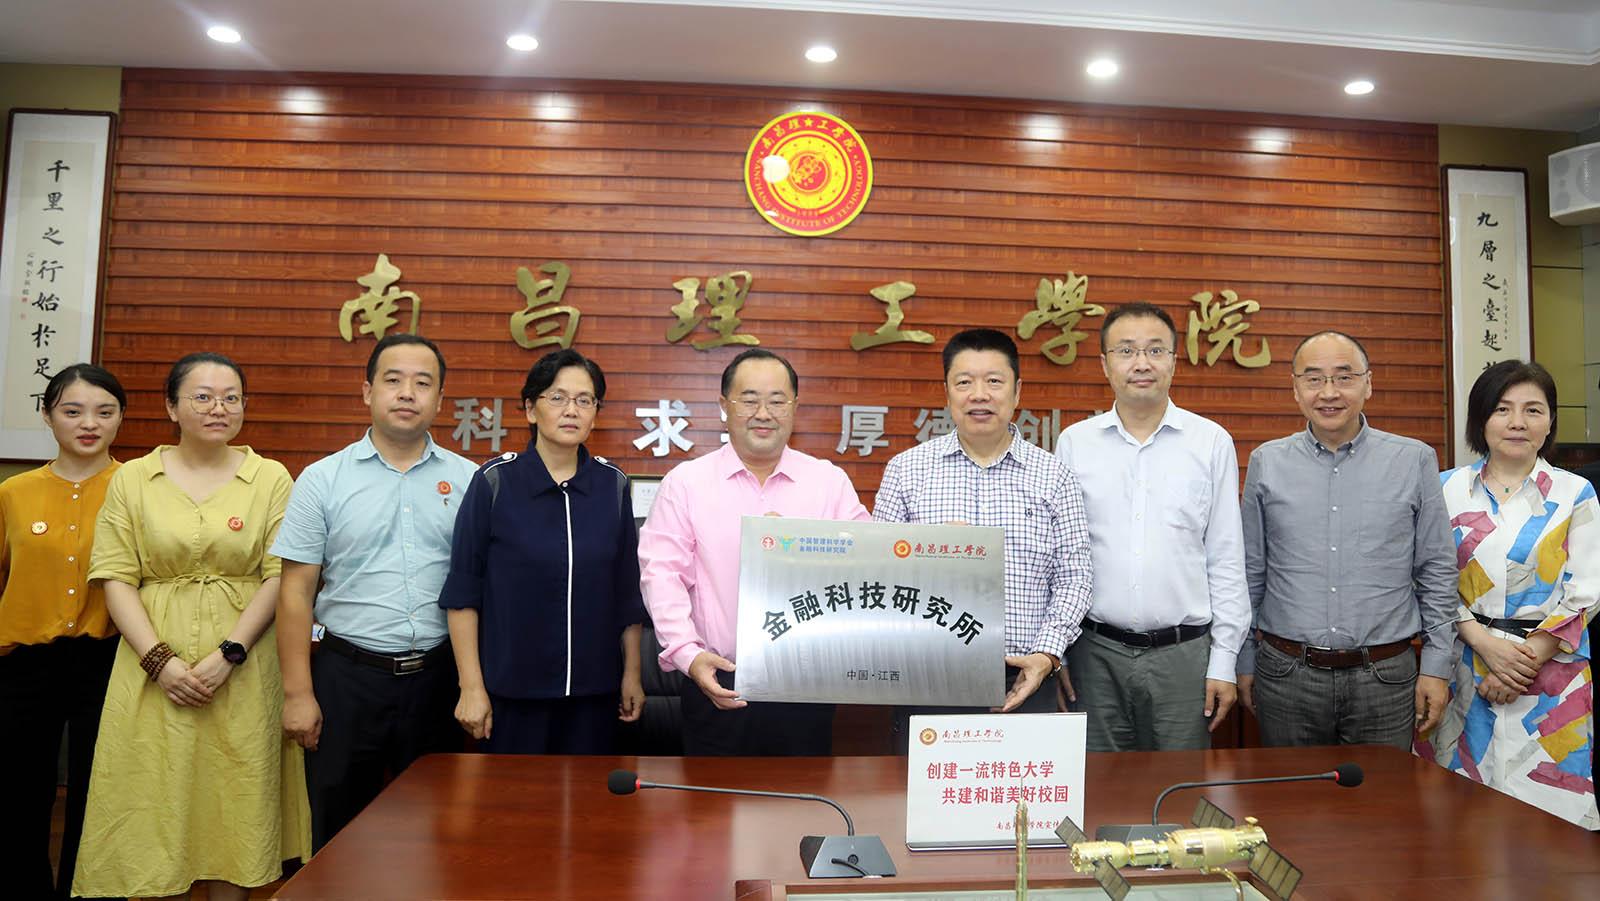 南昌理工学院建立全国民办高校第1所金融科技研究所